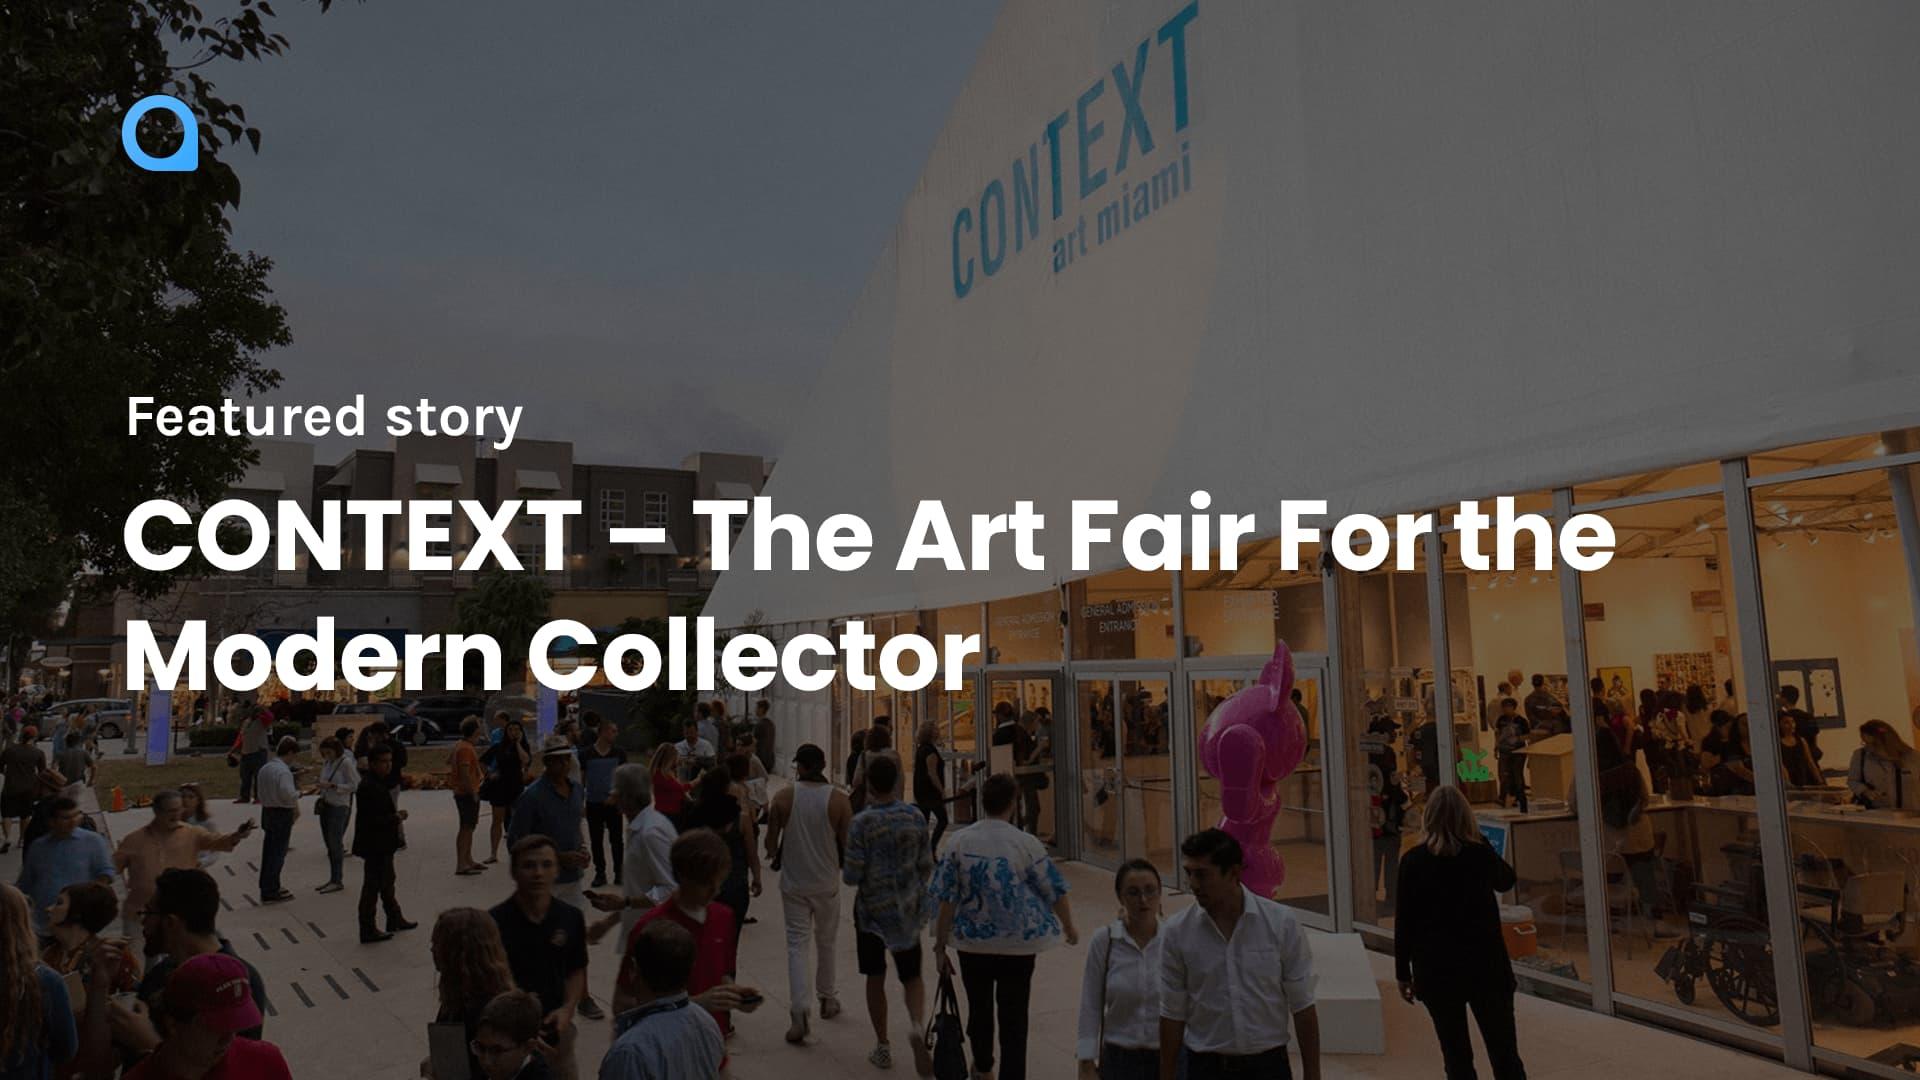 CONTEXT - The Art Fair For the Modern Collector